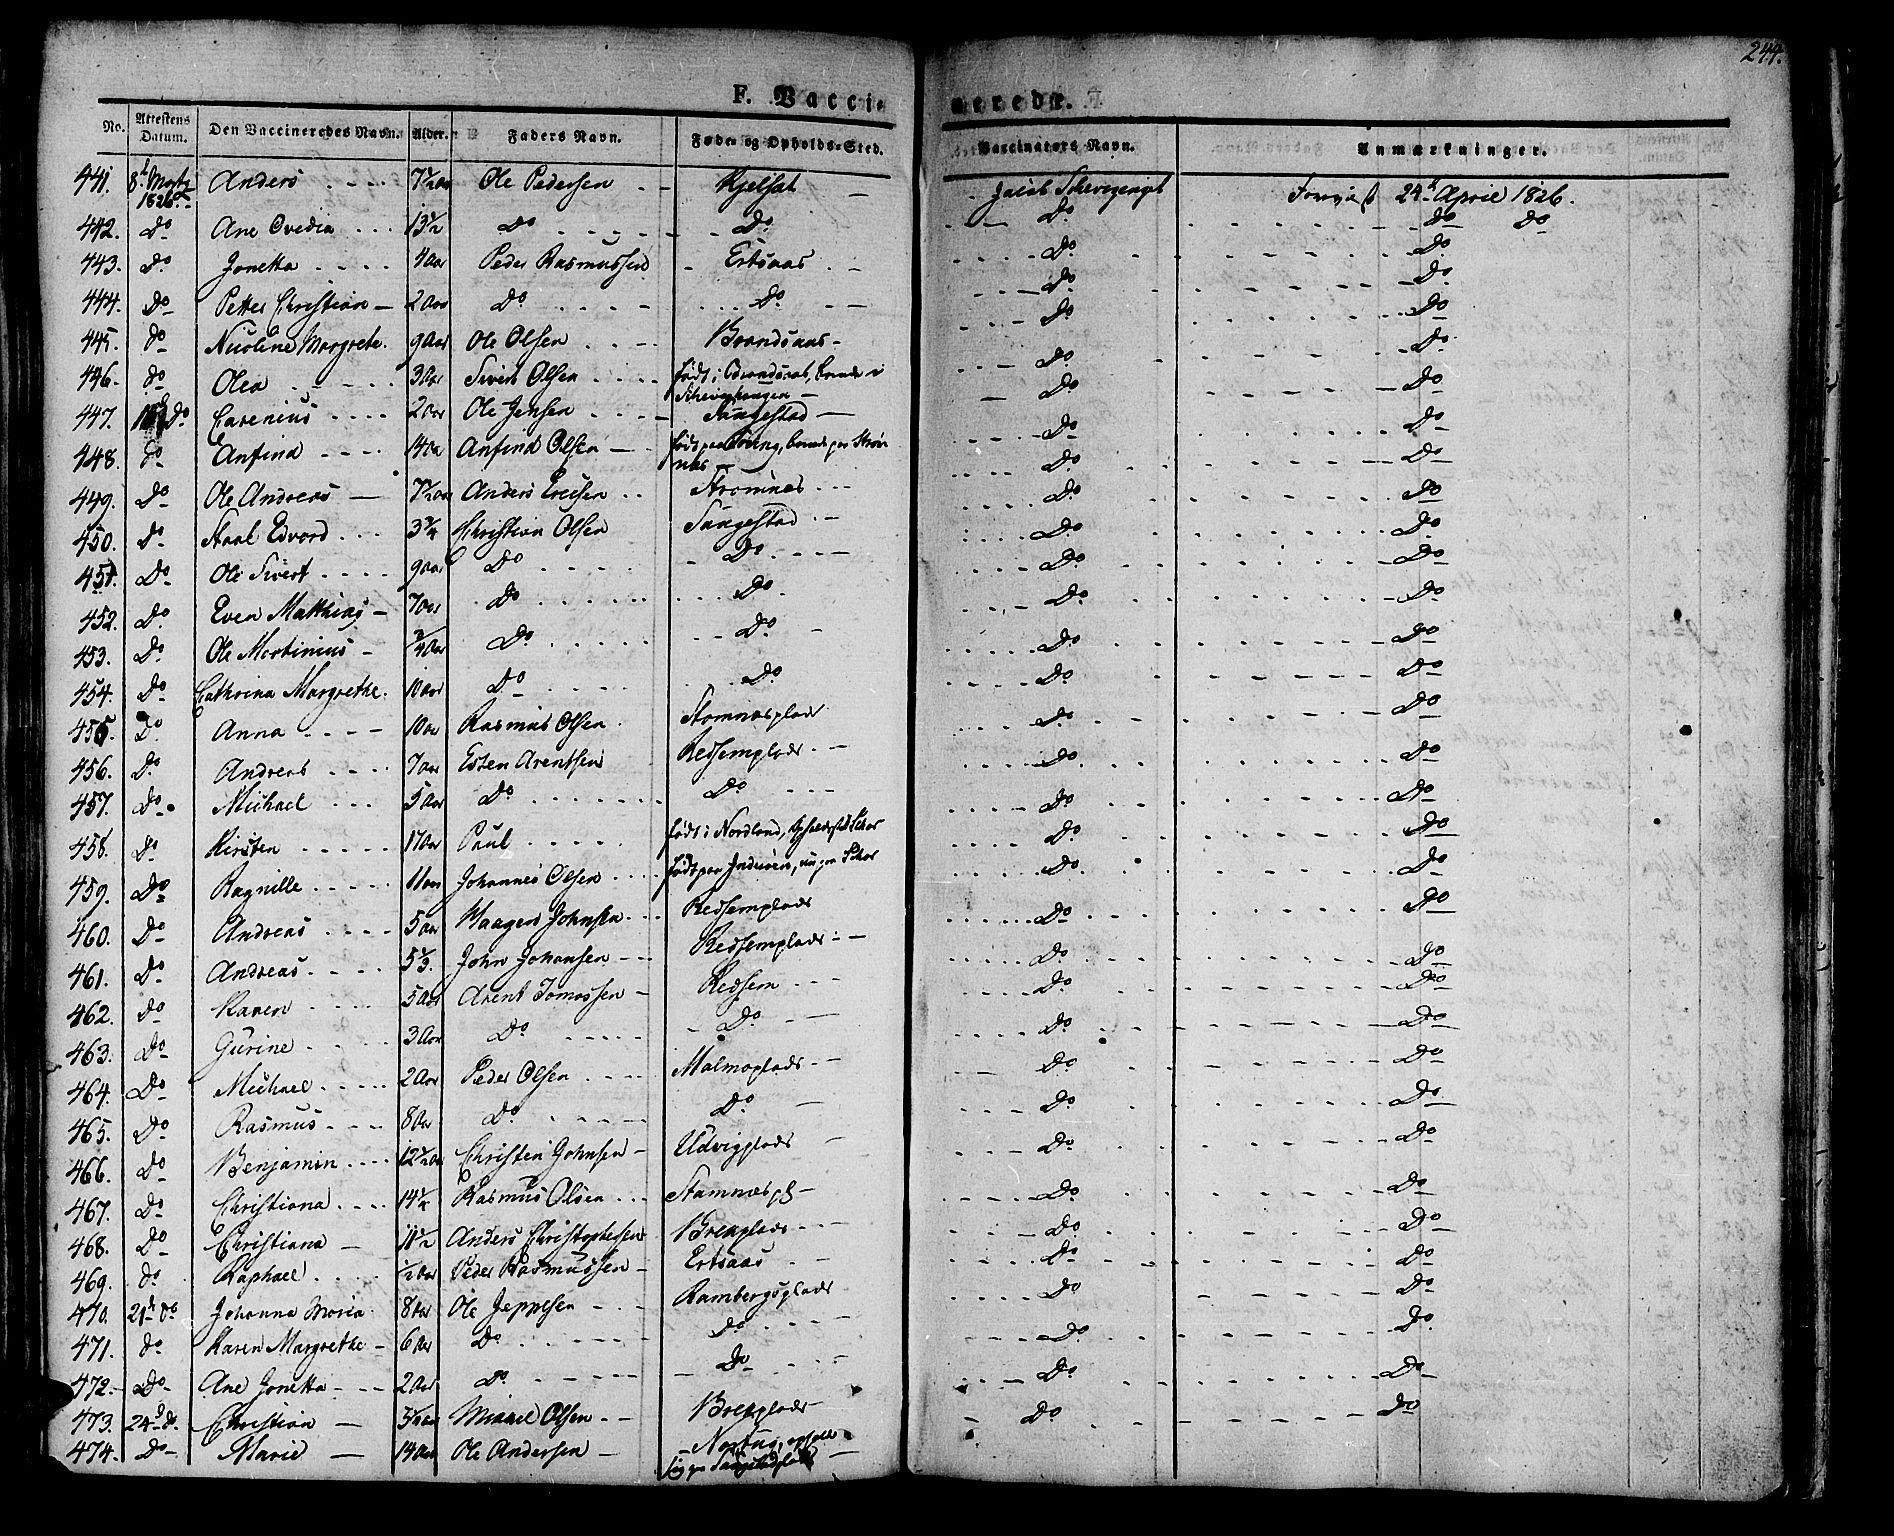 SAT, Ministerialprotokoller, klokkerbøker og fødselsregistre - Nord-Trøndelag, 741/L0390: Ministerialbok nr. 741A04, 1822-1836, s. 244